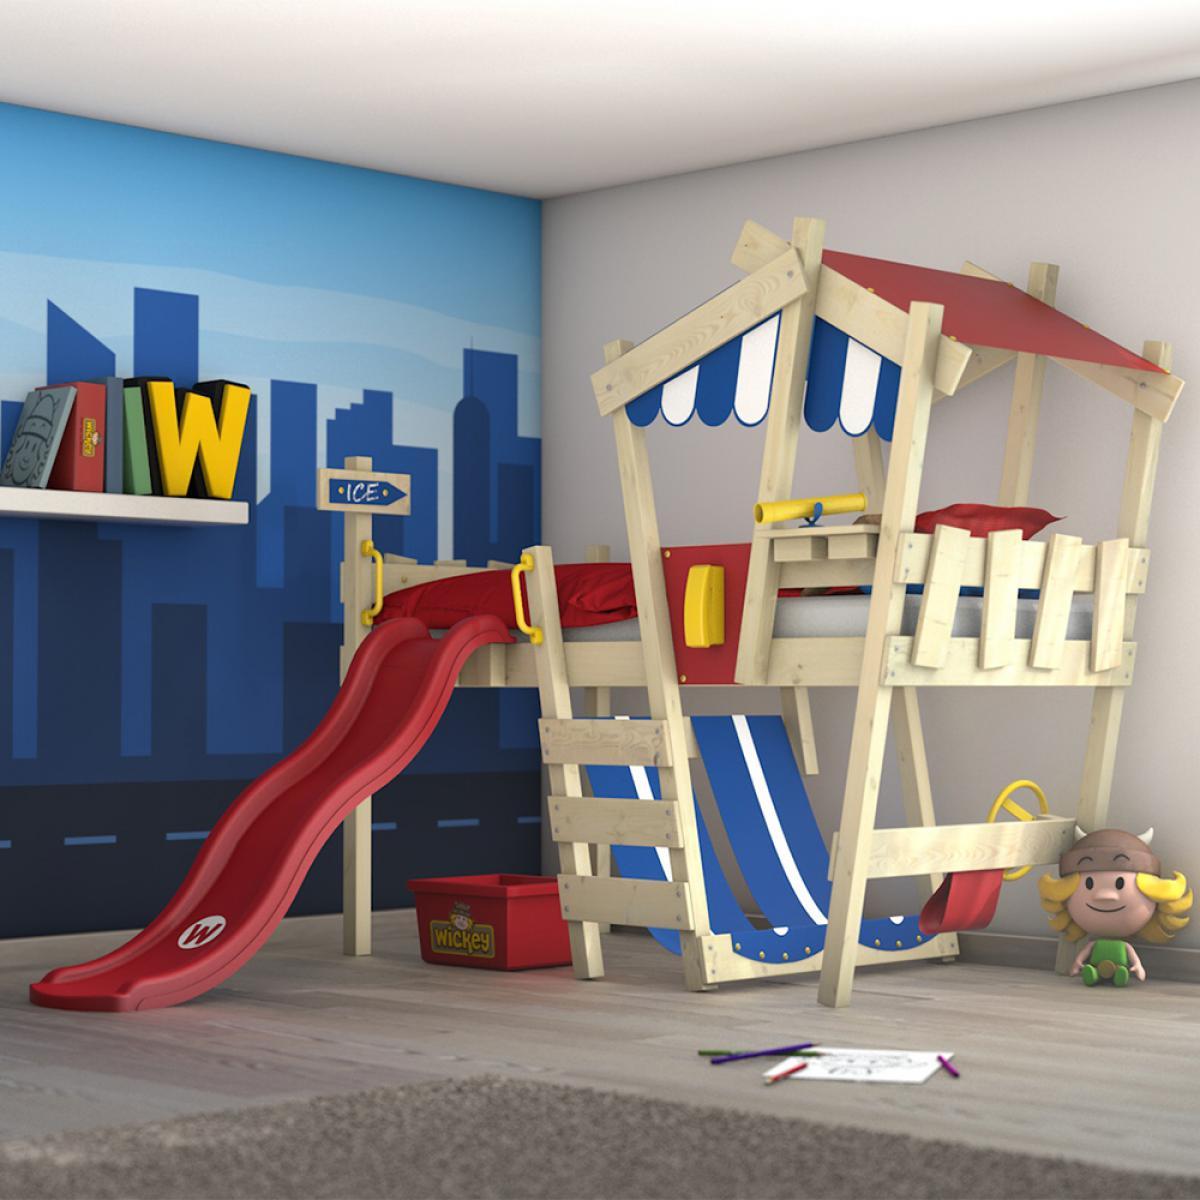 Wickey WICKEY Lit enfant, Lit mezzanine Crazy Hutty avec toboggan rouge Lit maison 90 x 200 cm